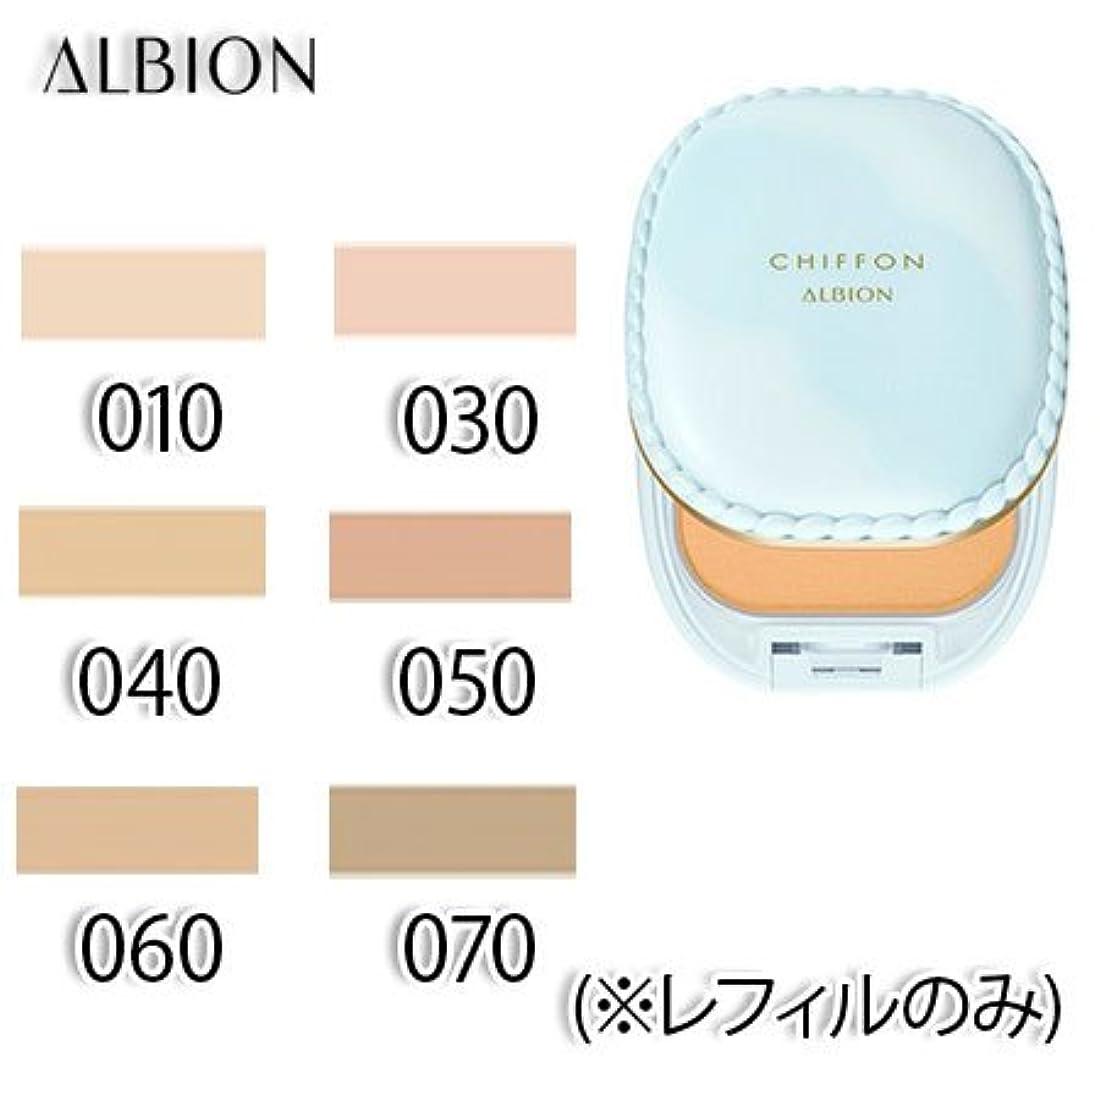 節約する乳製品検体アルビオン スノー ホワイト シフォン 全6色 SPF25?PA++ 10g (レフィルのみ) -ALBION- 070